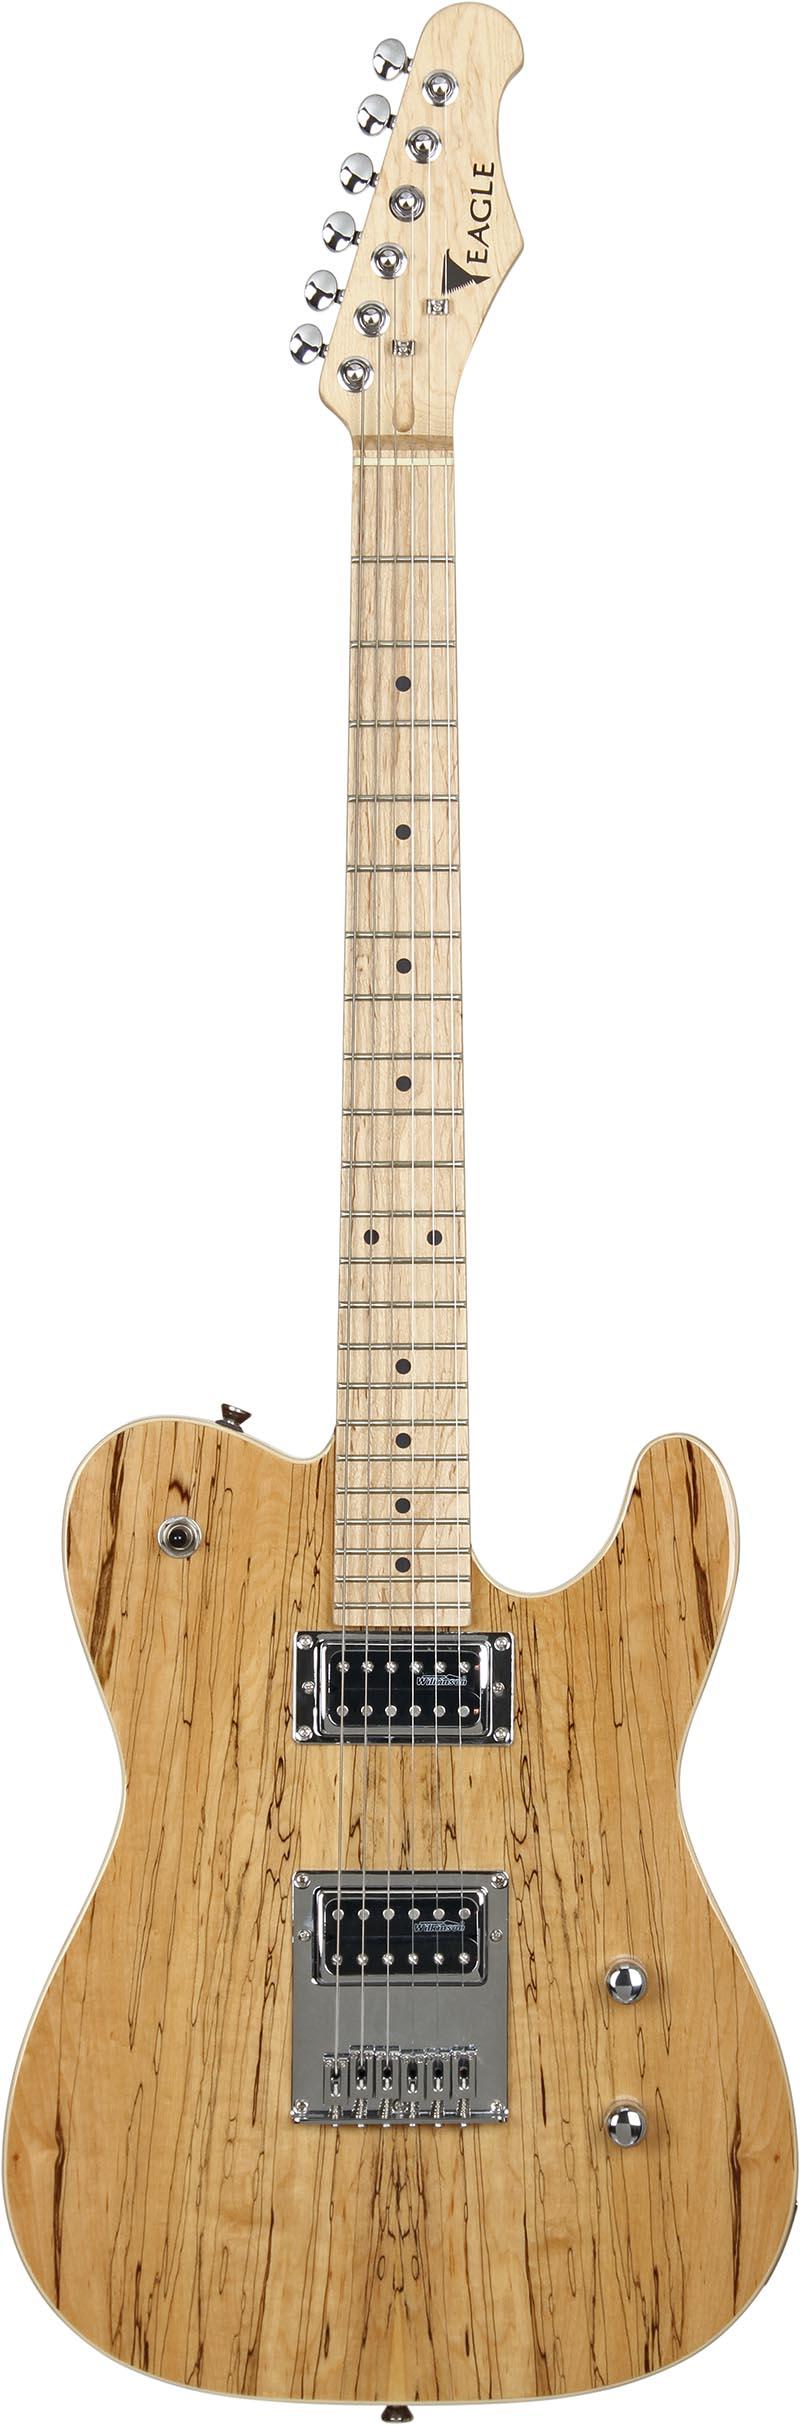 etl003 guitarra telecaster captador humbucker eagle etl003 visao frontal vertical